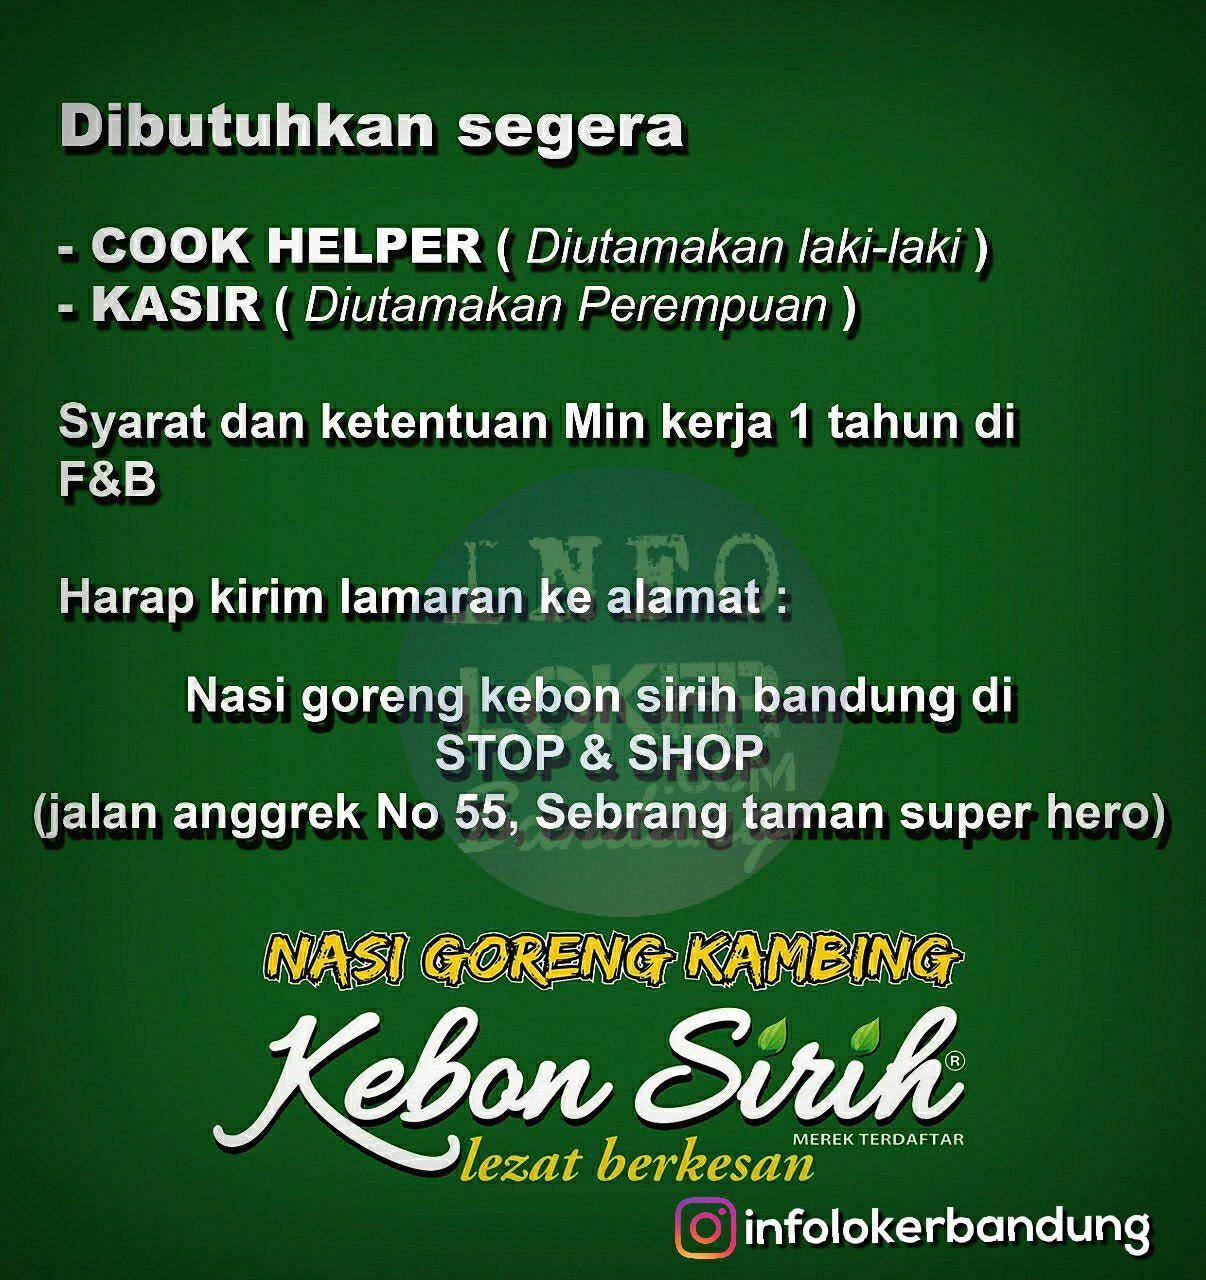 Lowongan Kerja Nasi Goreng Kambing Kebon Sirih Bandung Mei 2018